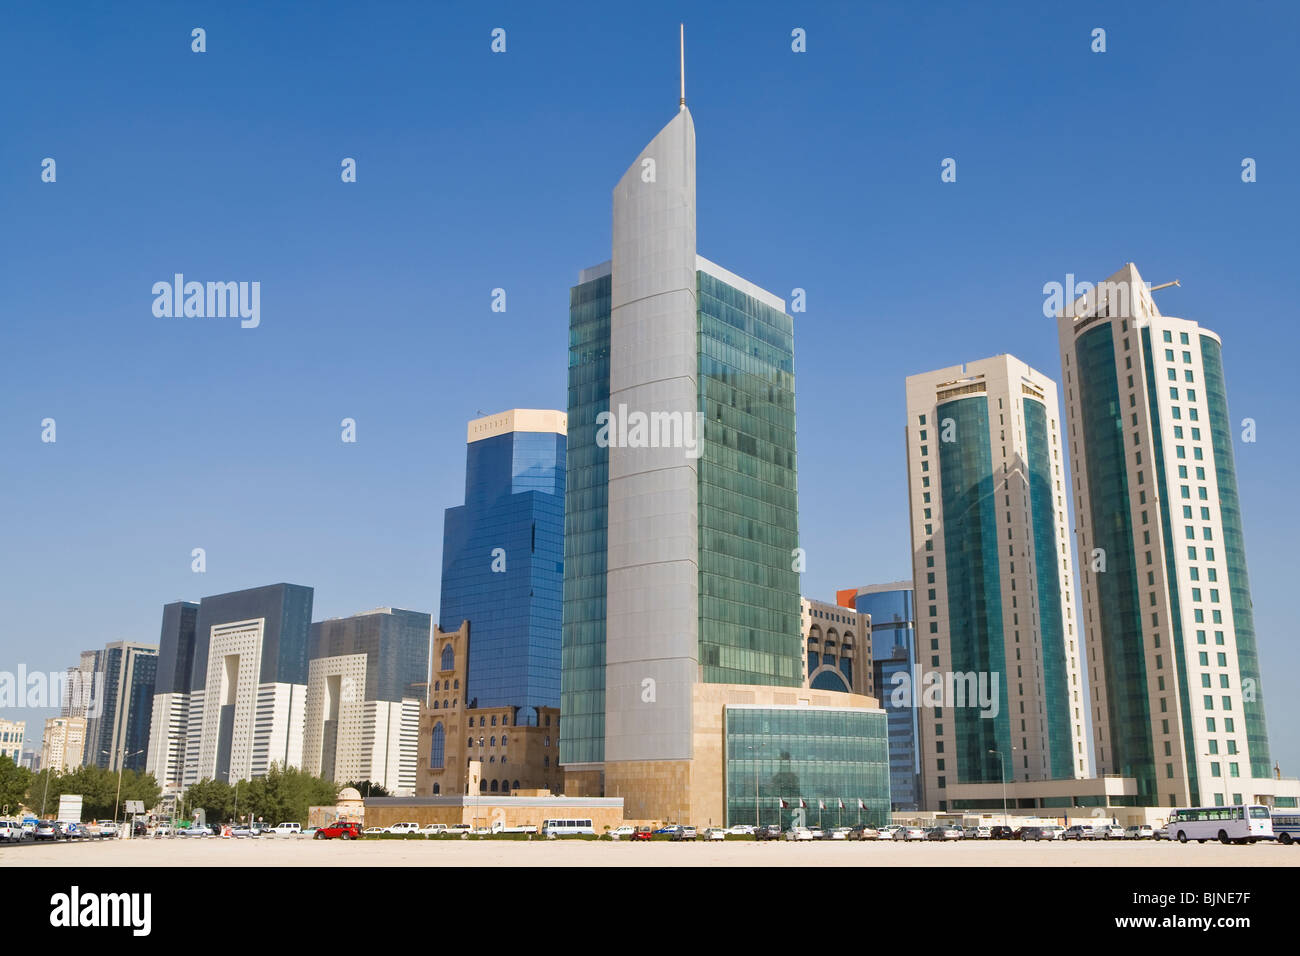 Fotografia di grattacieli e palazzi di uffici del Doha Financial District Skyline, in Qatar Immagini Stock